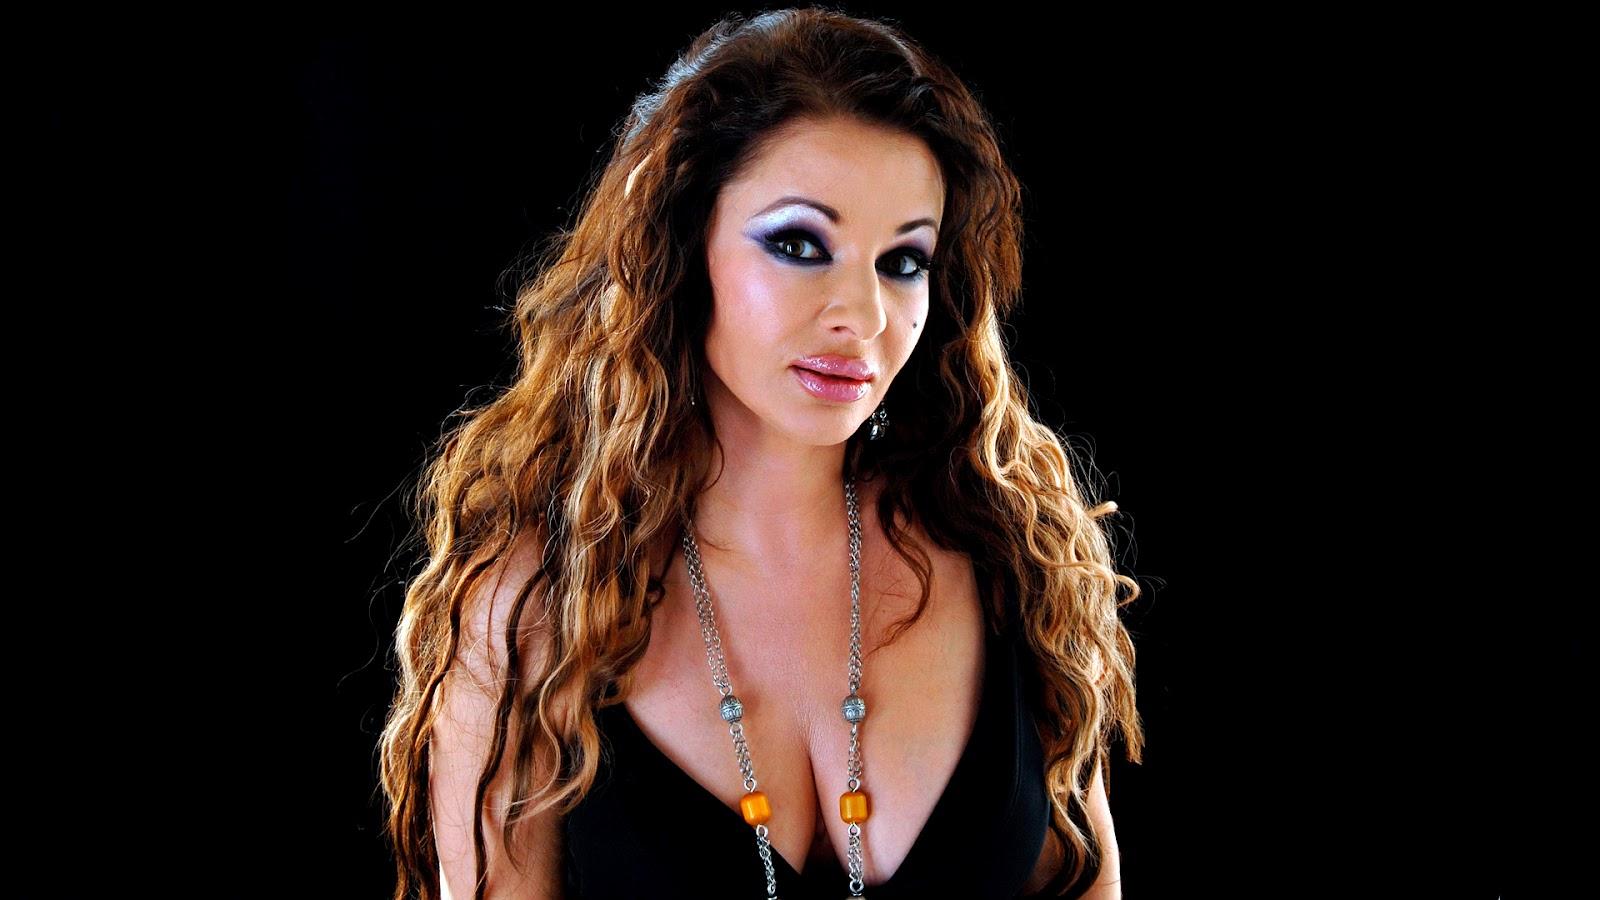 Natacha Atlas, Mısırlı müzisyen tarihte bugün